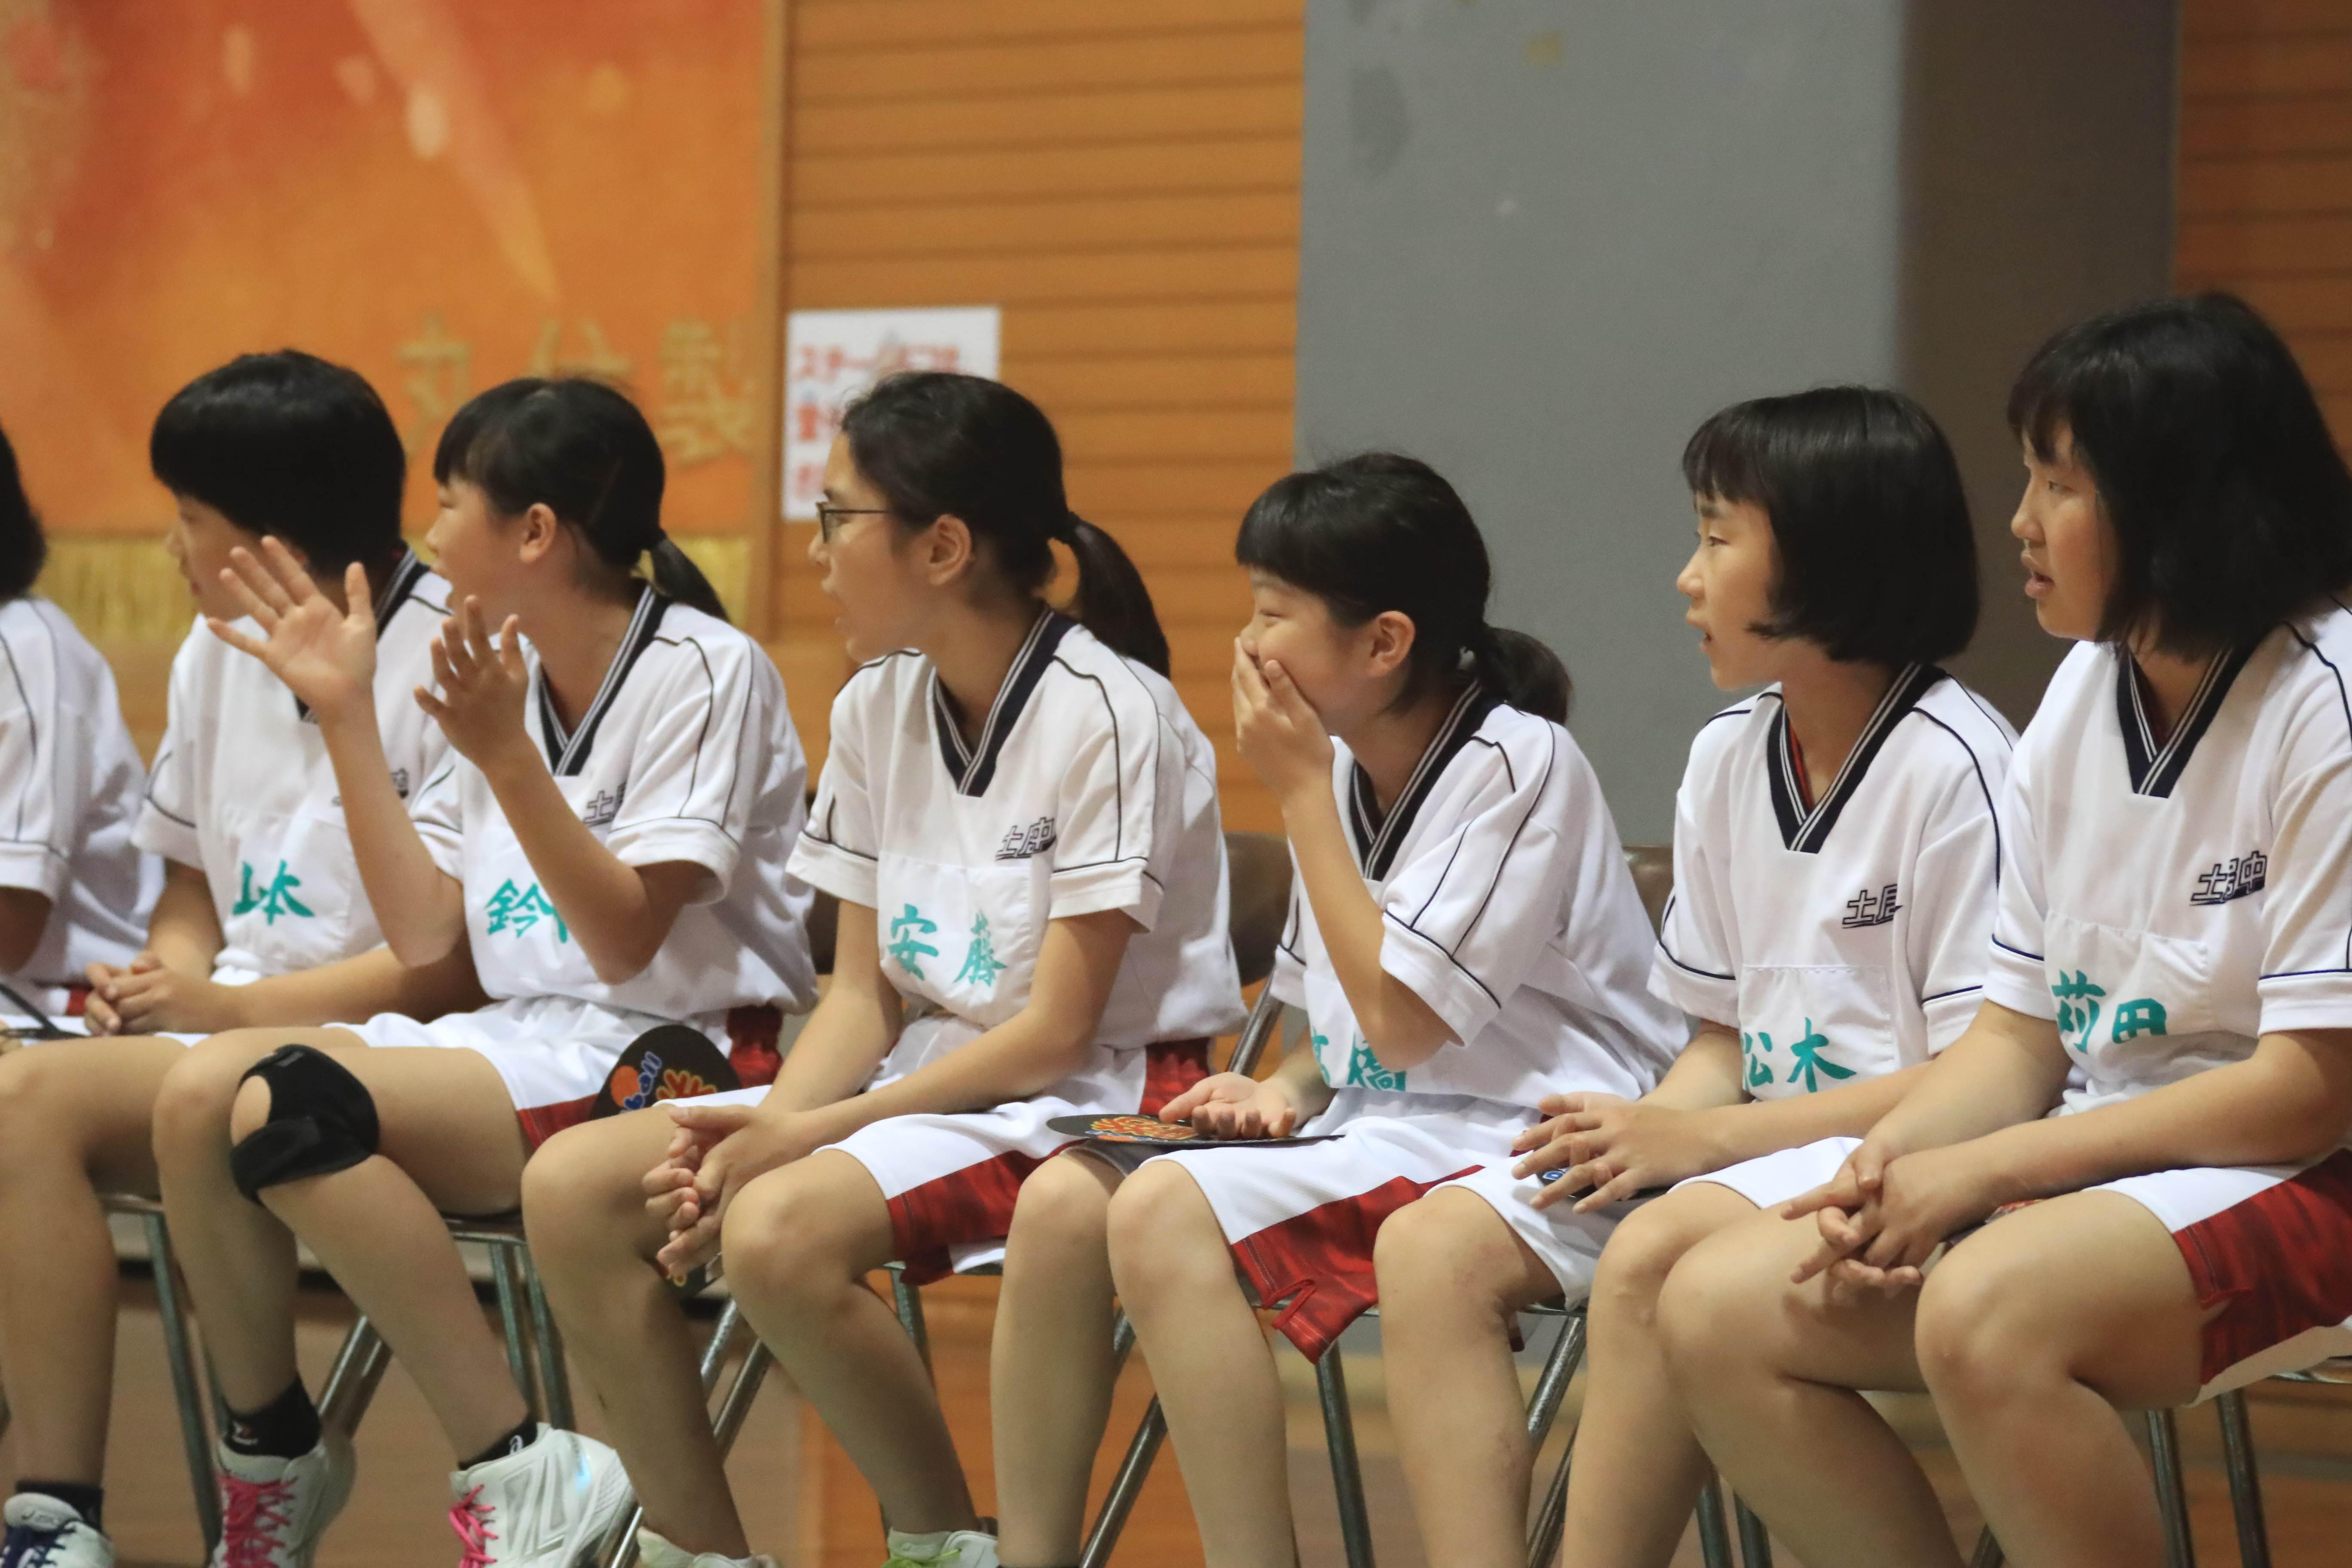 バスケットボール (84)